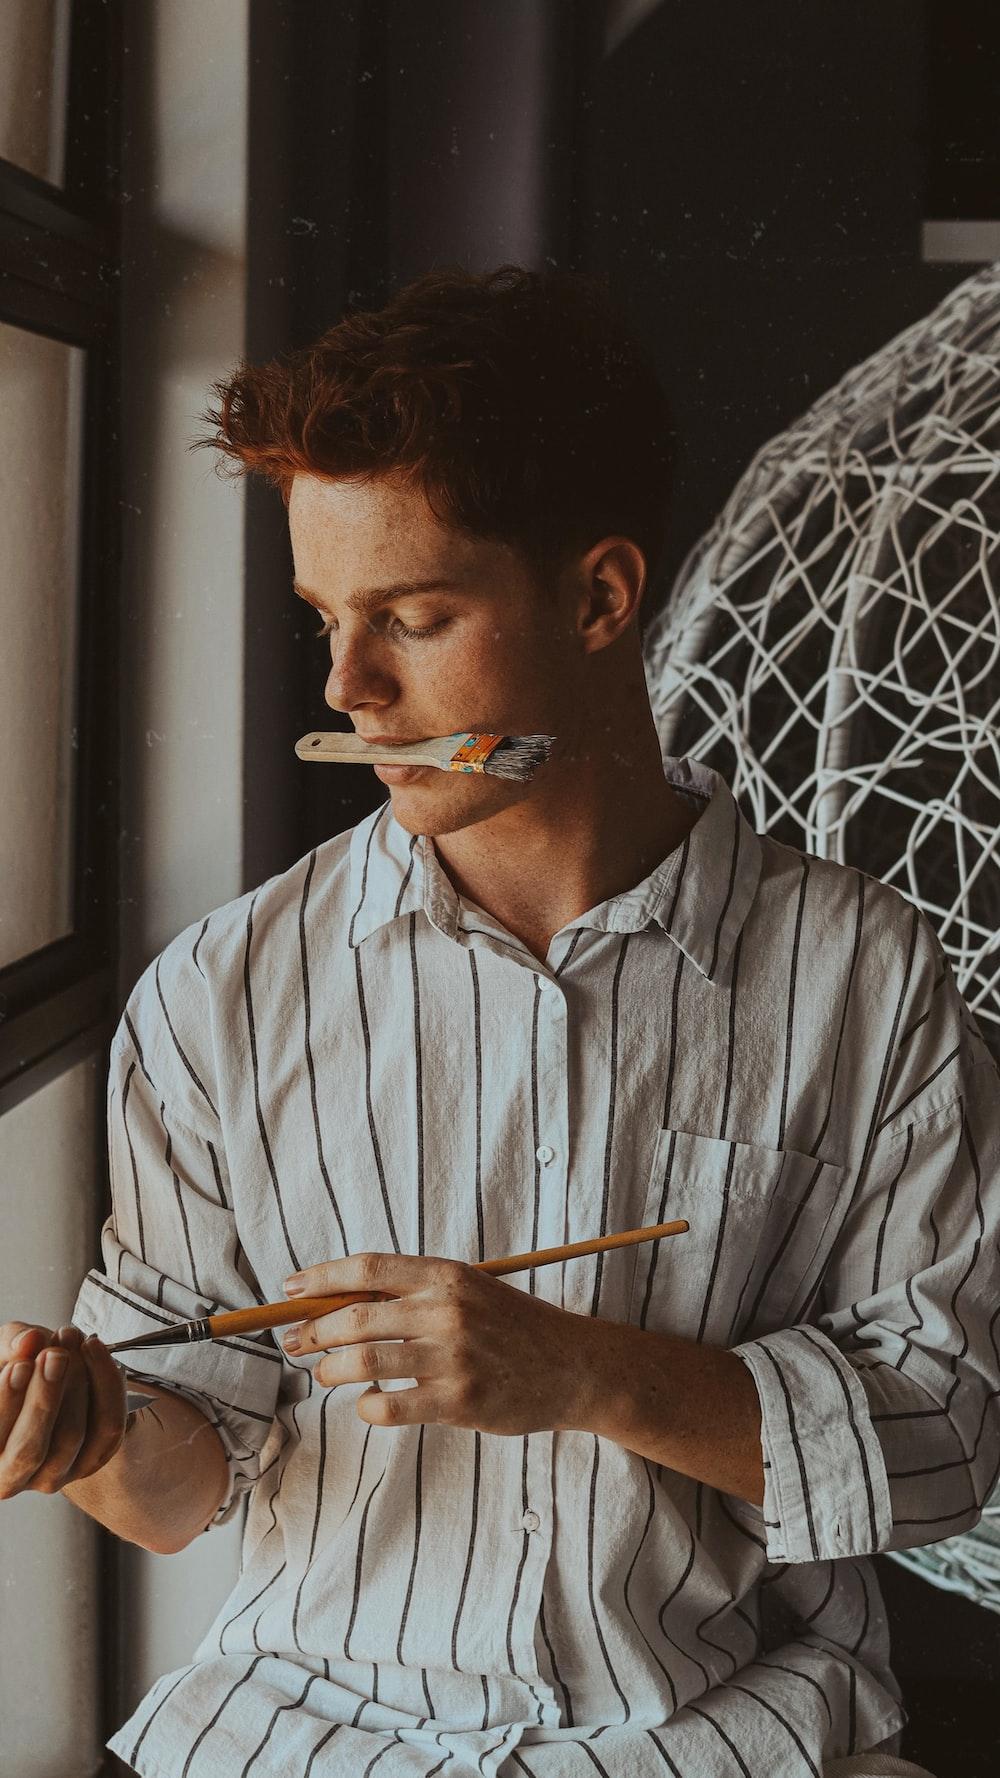 man in white dress shirt smoking cigarette